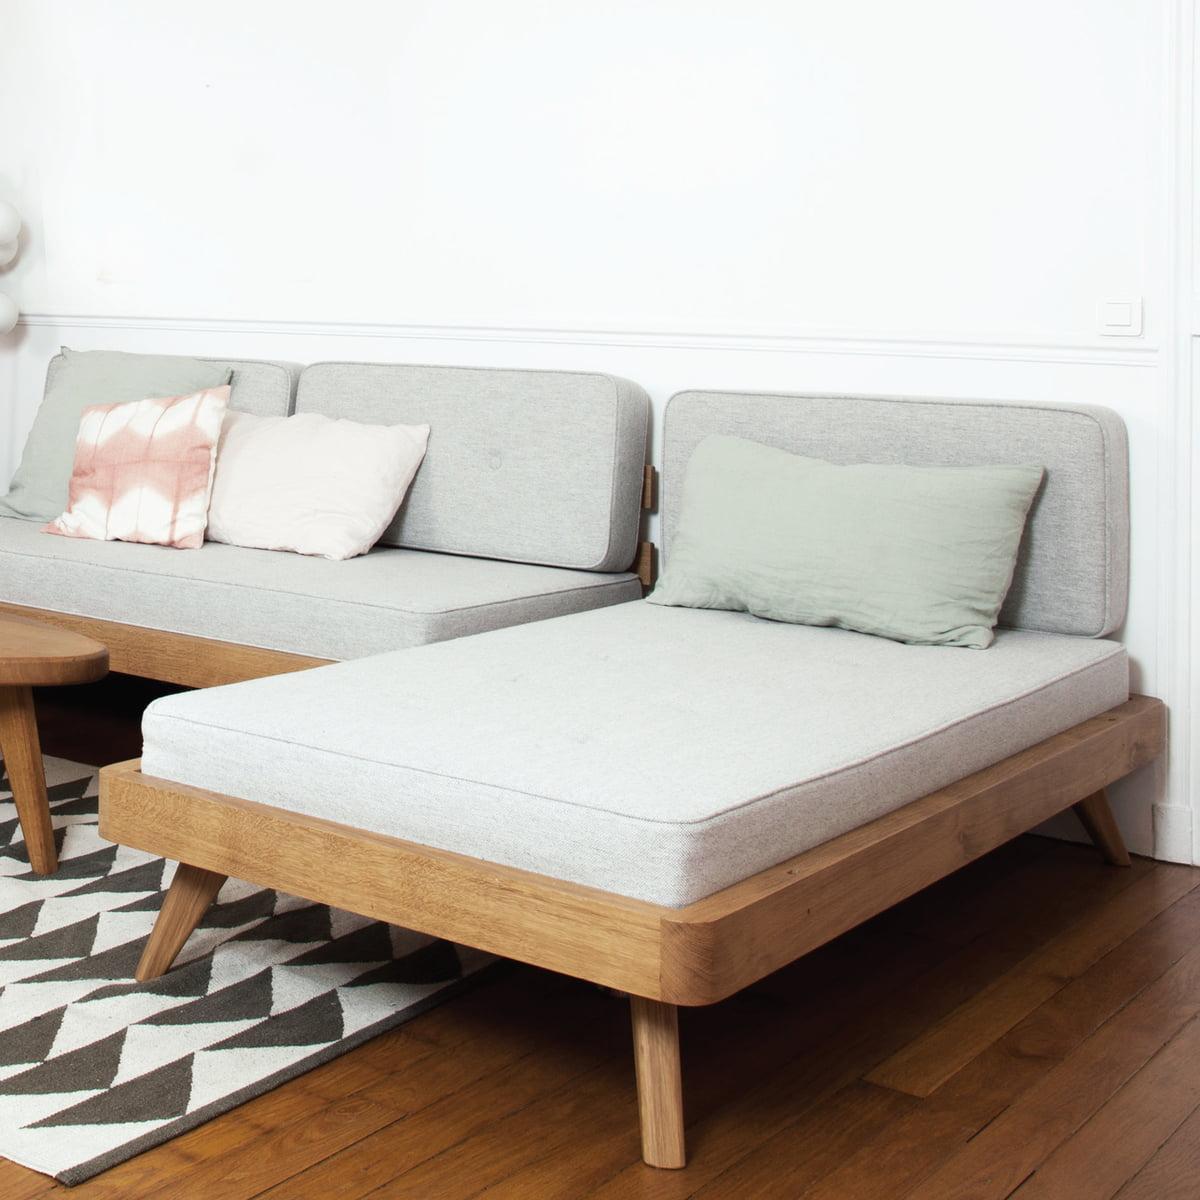 daybed sofa von gesa hansen online kaufen. Black Bedroom Furniture Sets. Home Design Ideas